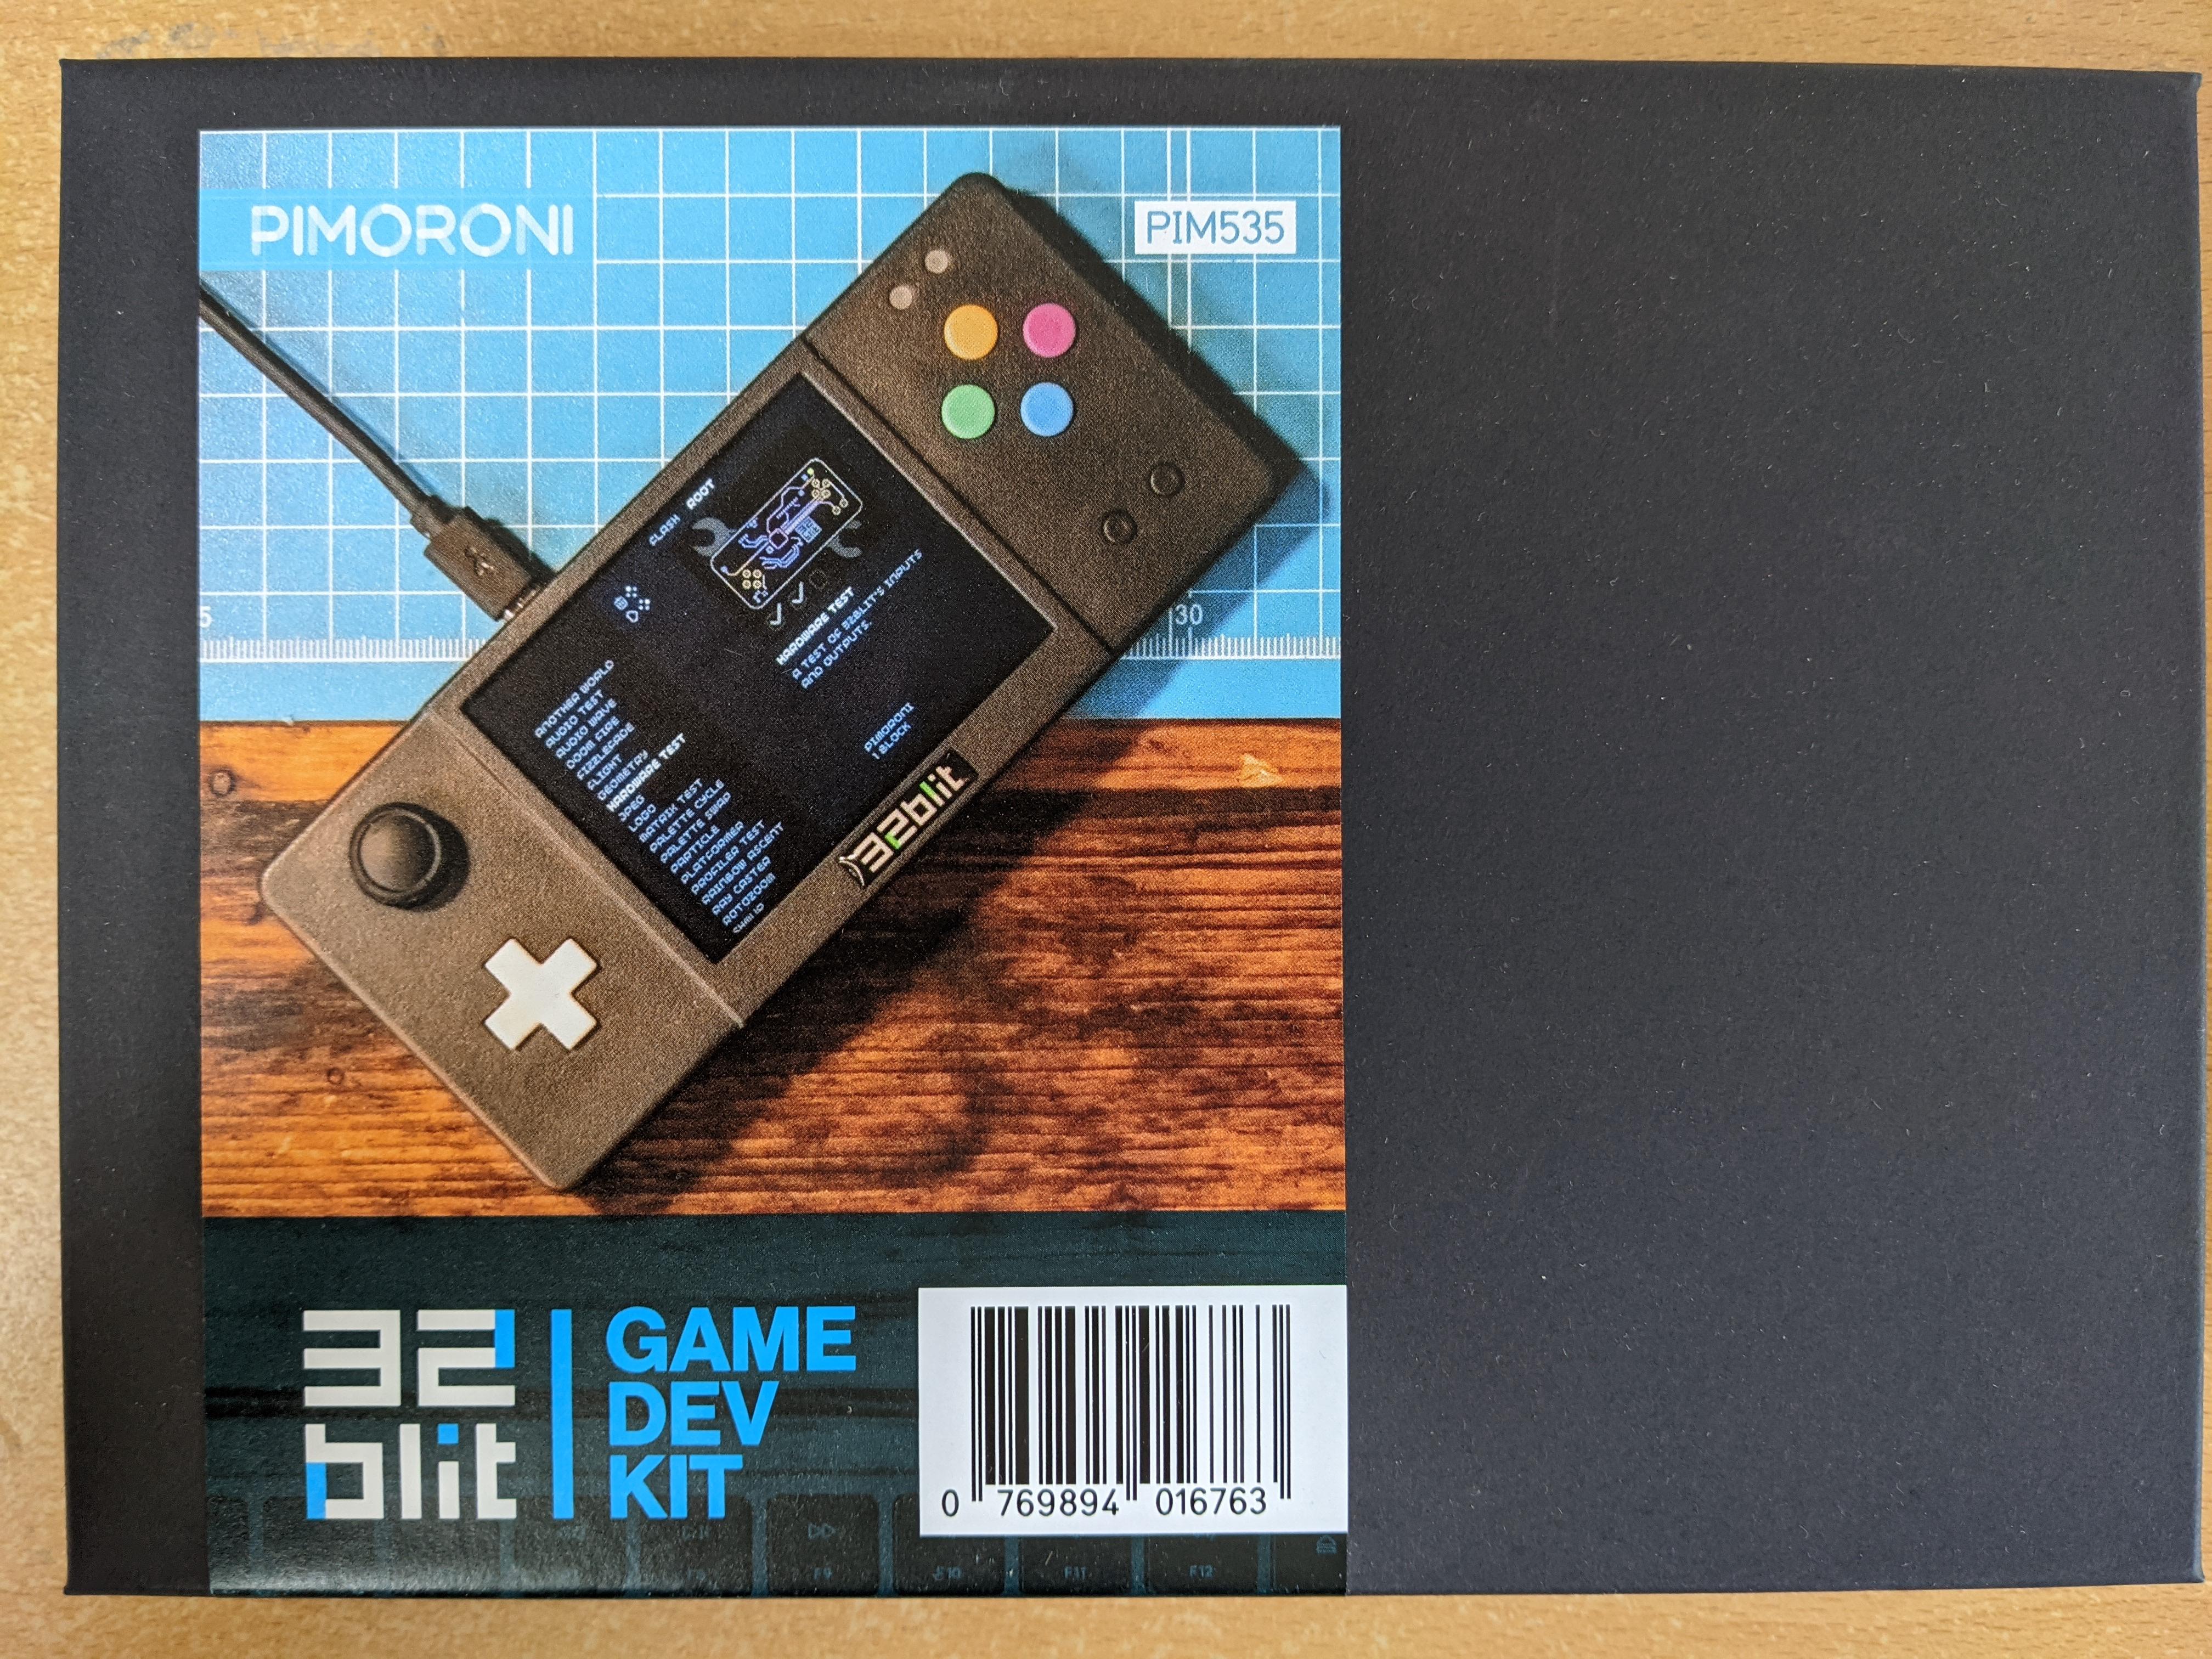 32Blit-box-top